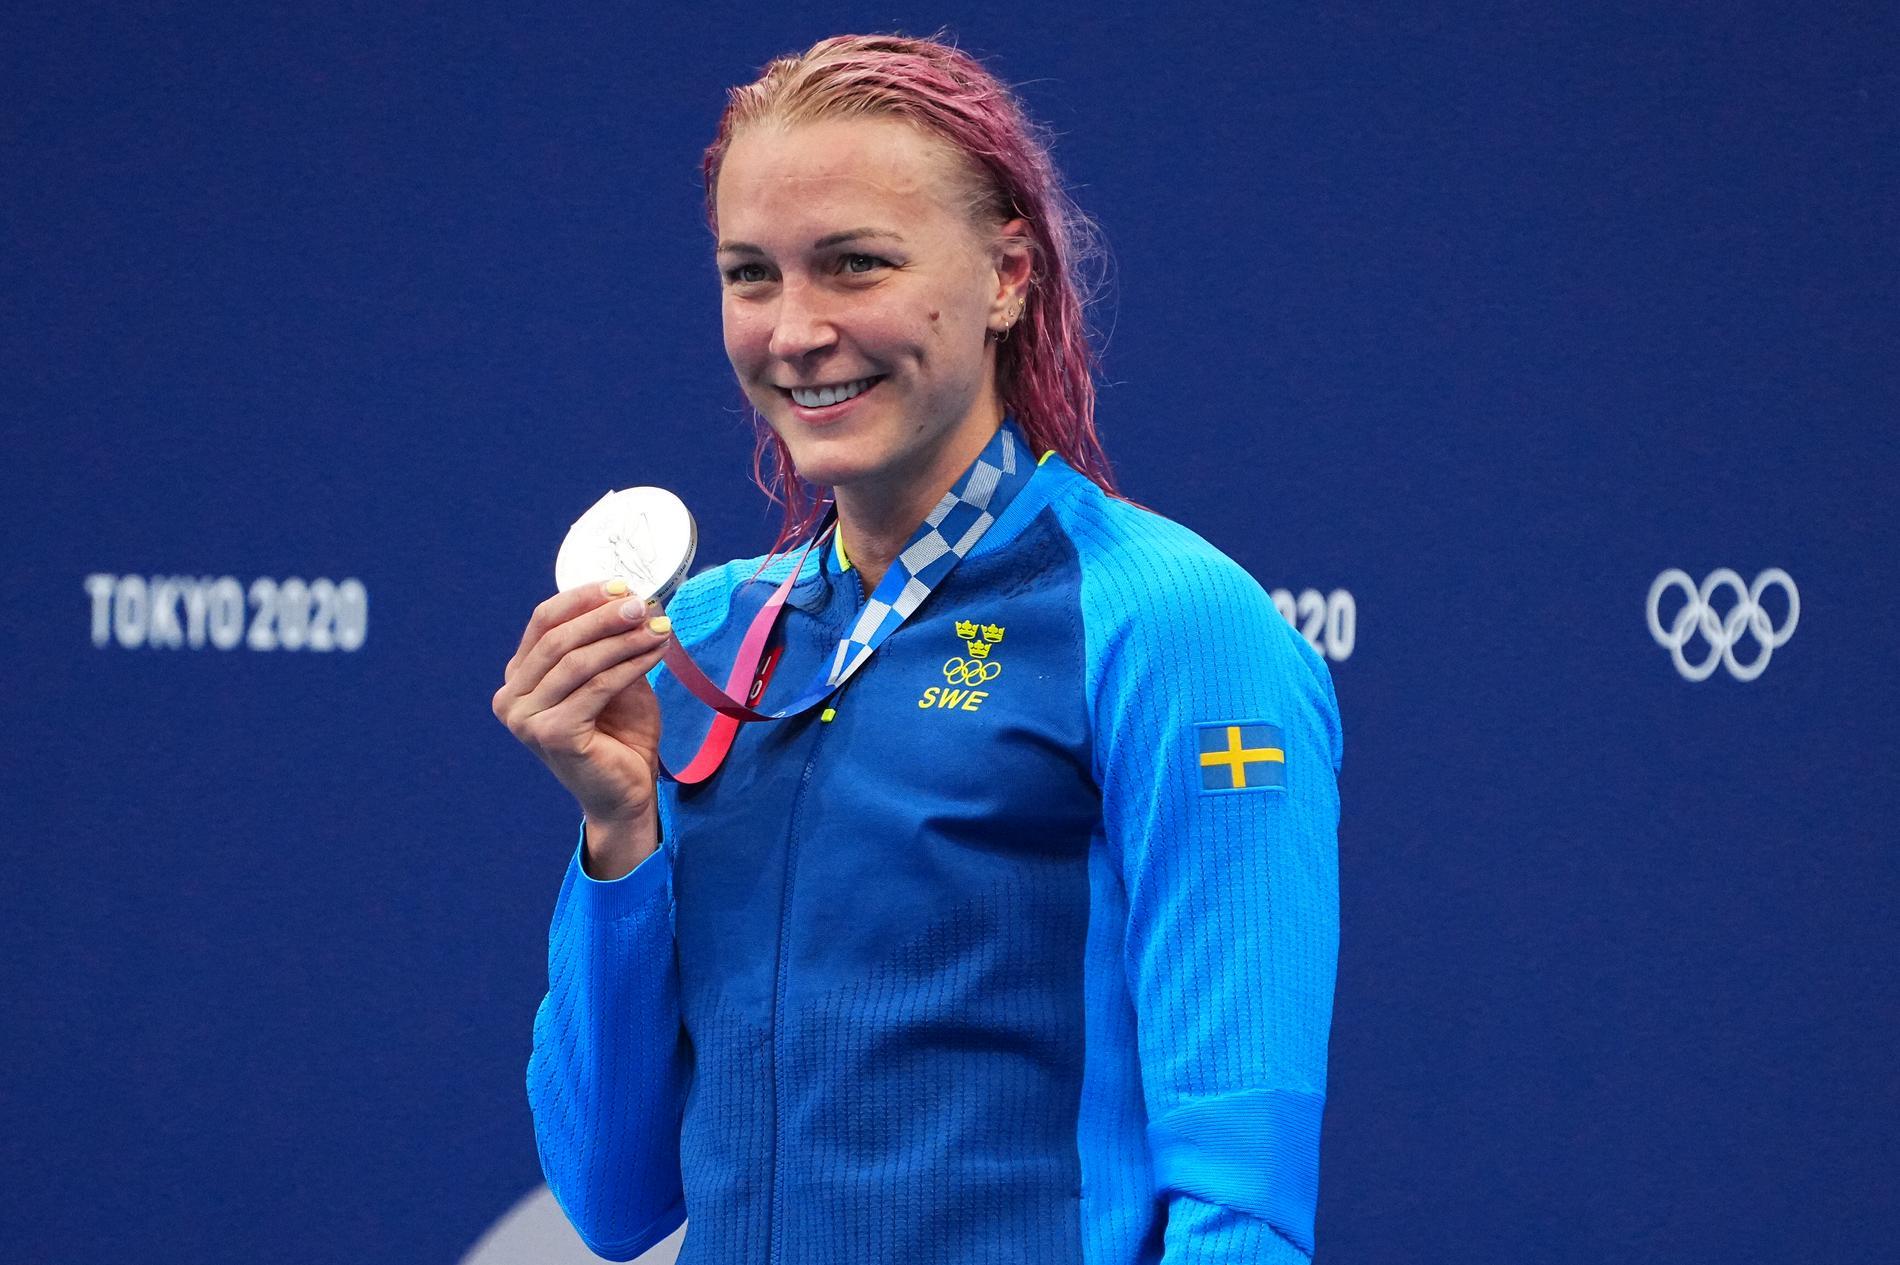 Sarah med silvermedaljen.